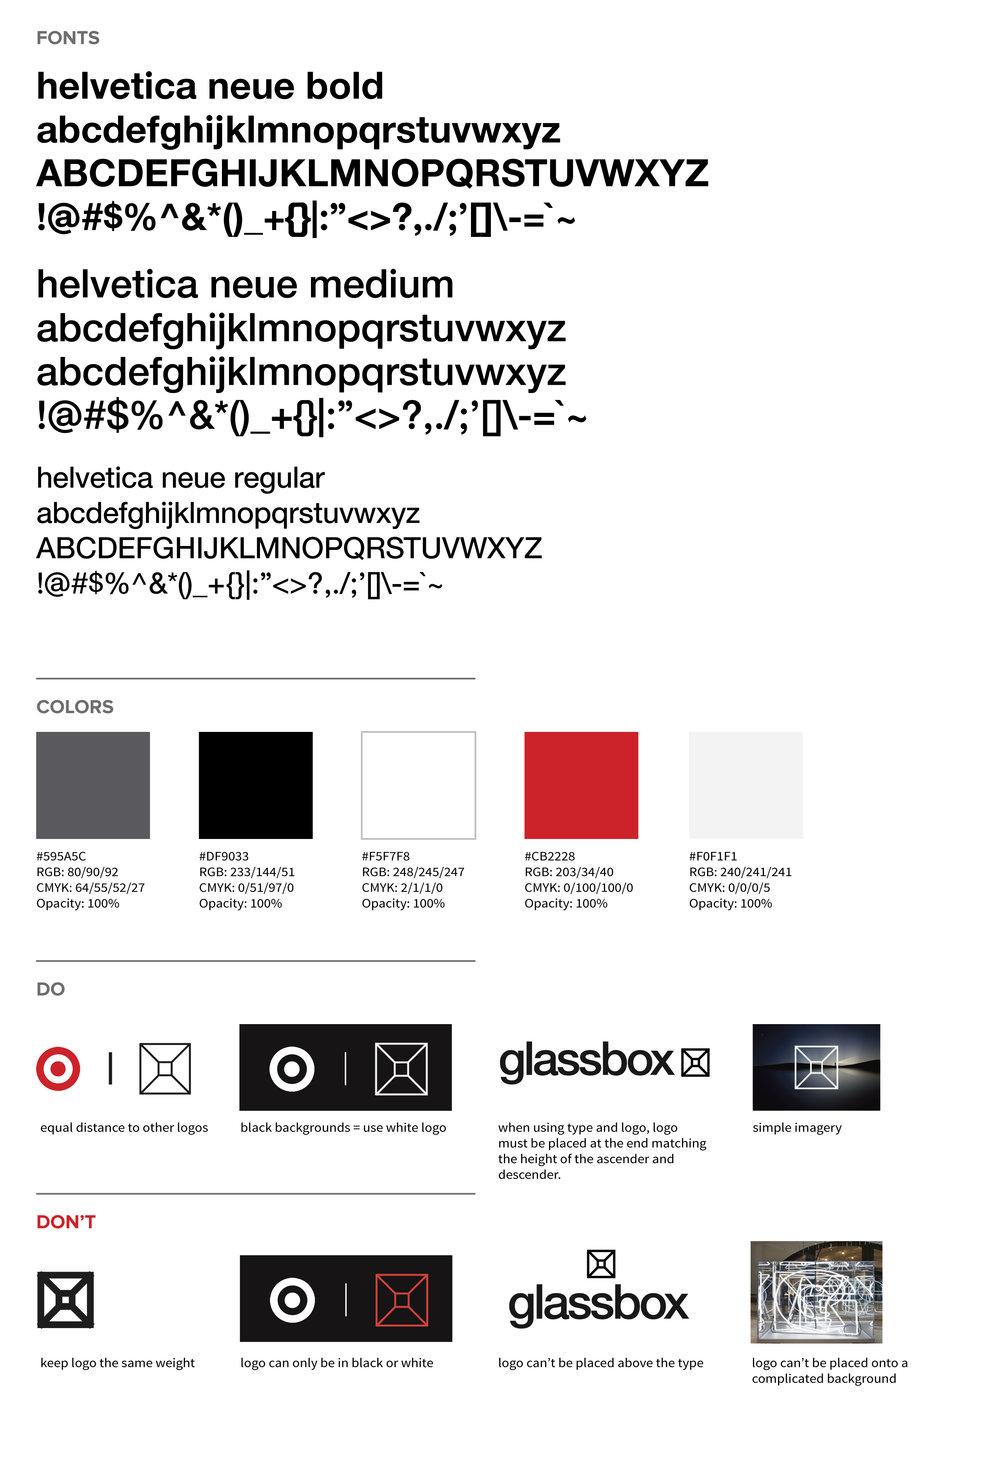 branding_glassbox-01.jpg